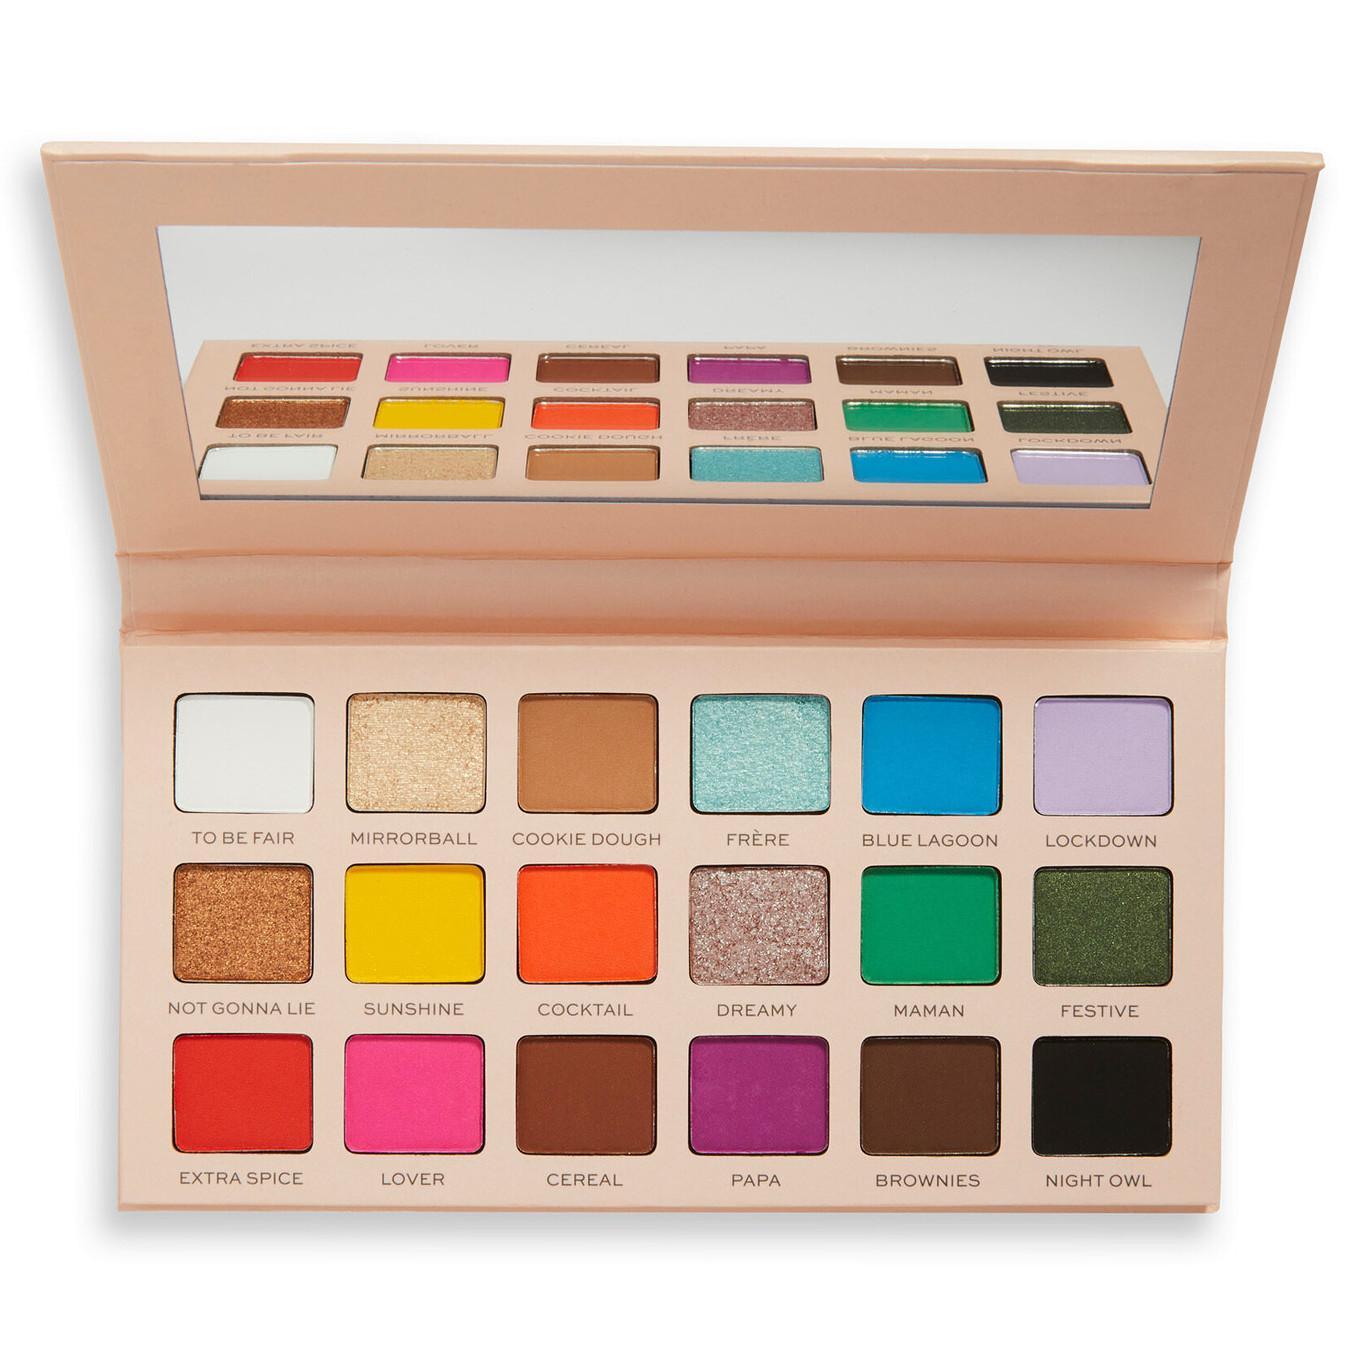 Revolution x Soph Collection Round 3 Super Spice Eyeshadow Palette Open